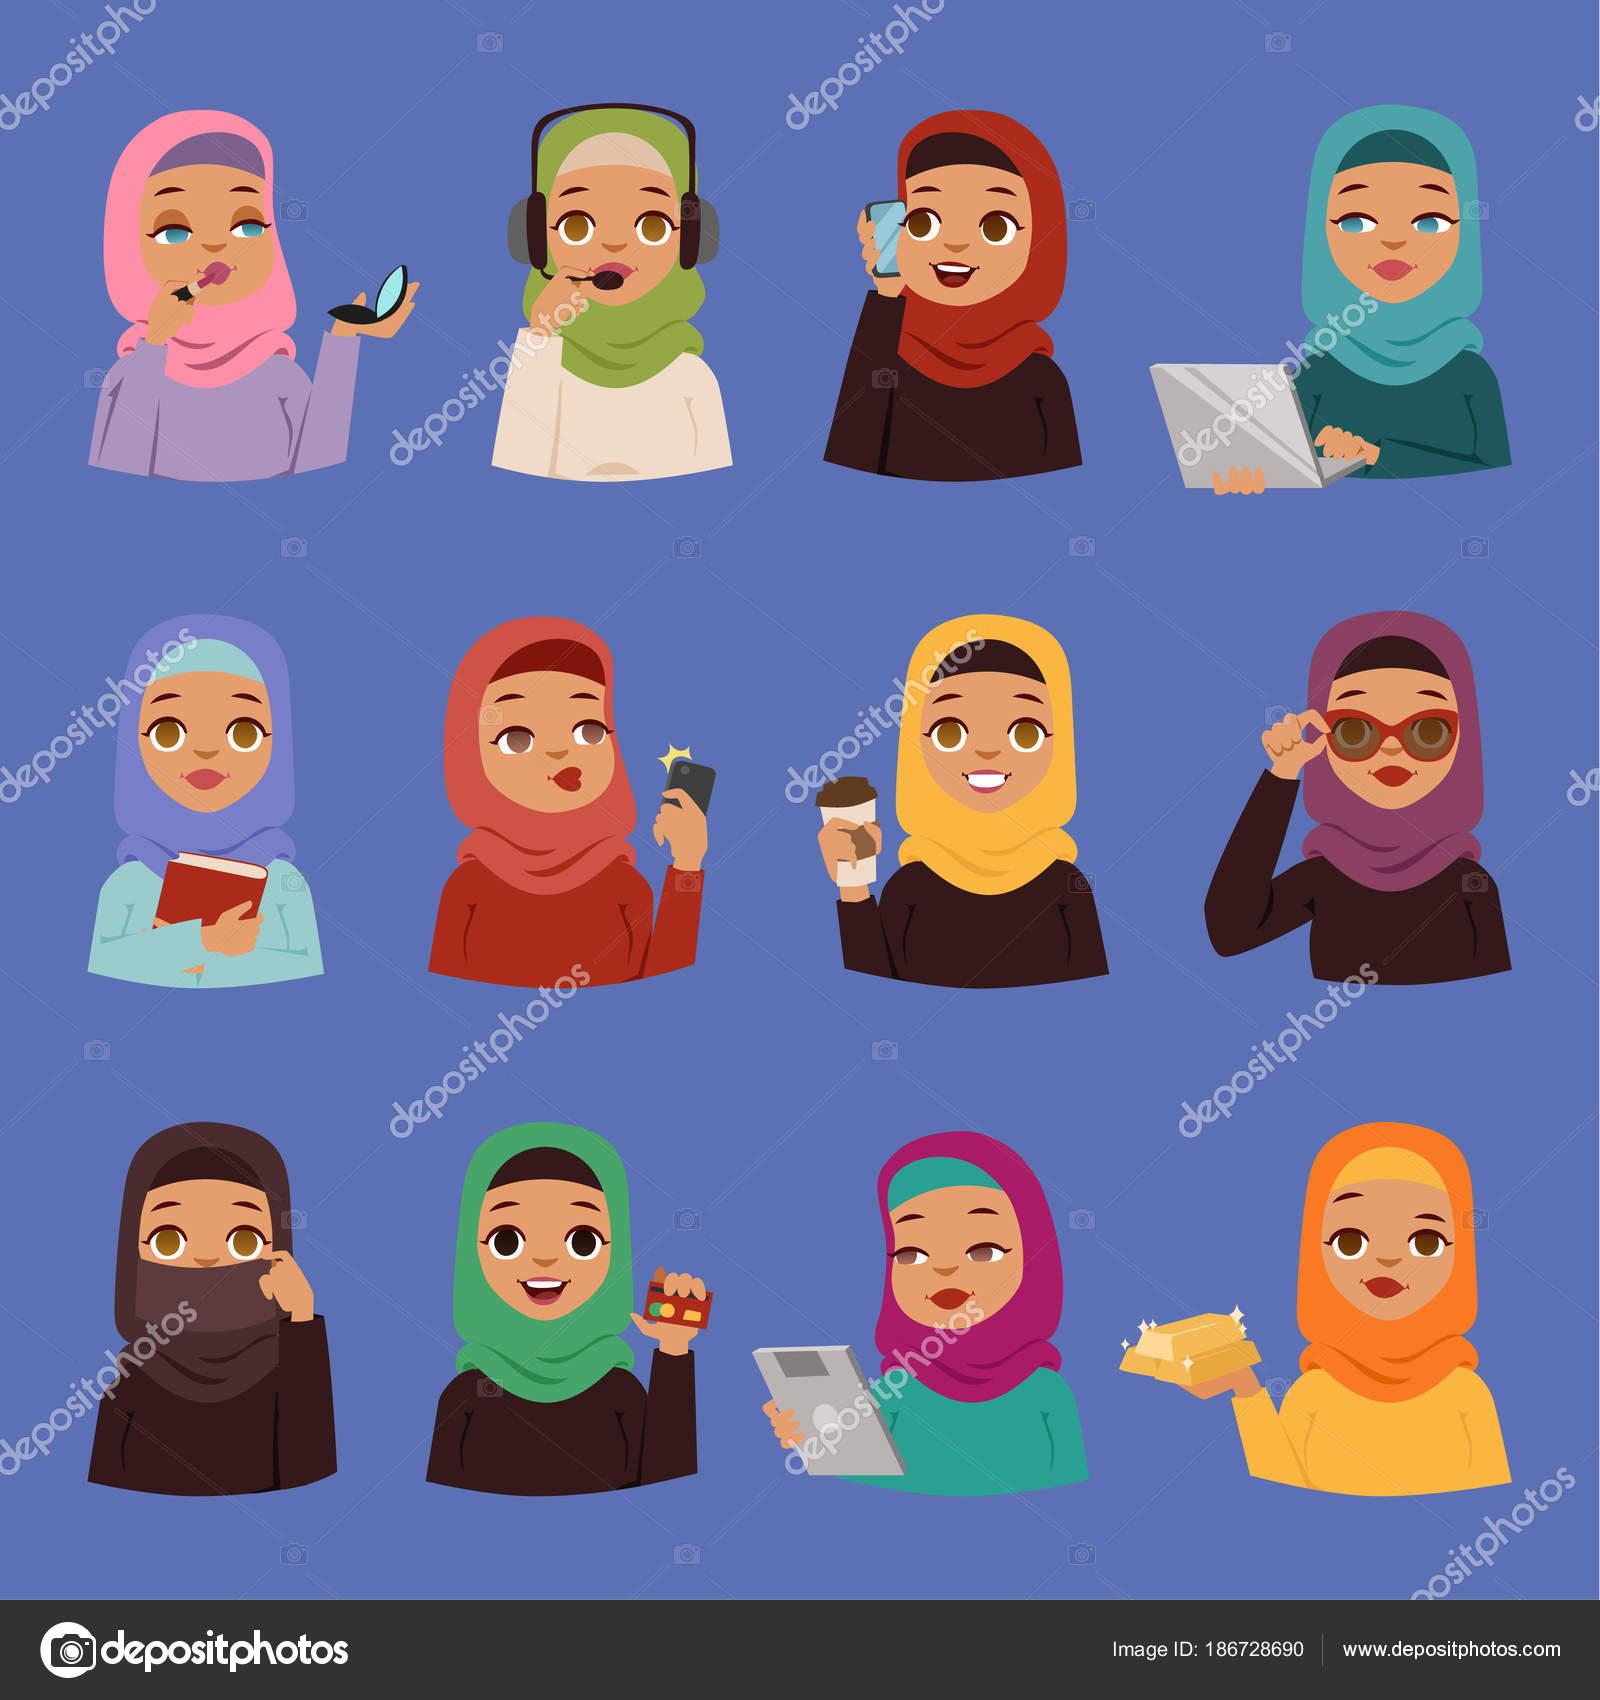 исламские мультфильмы скачать бесплатно